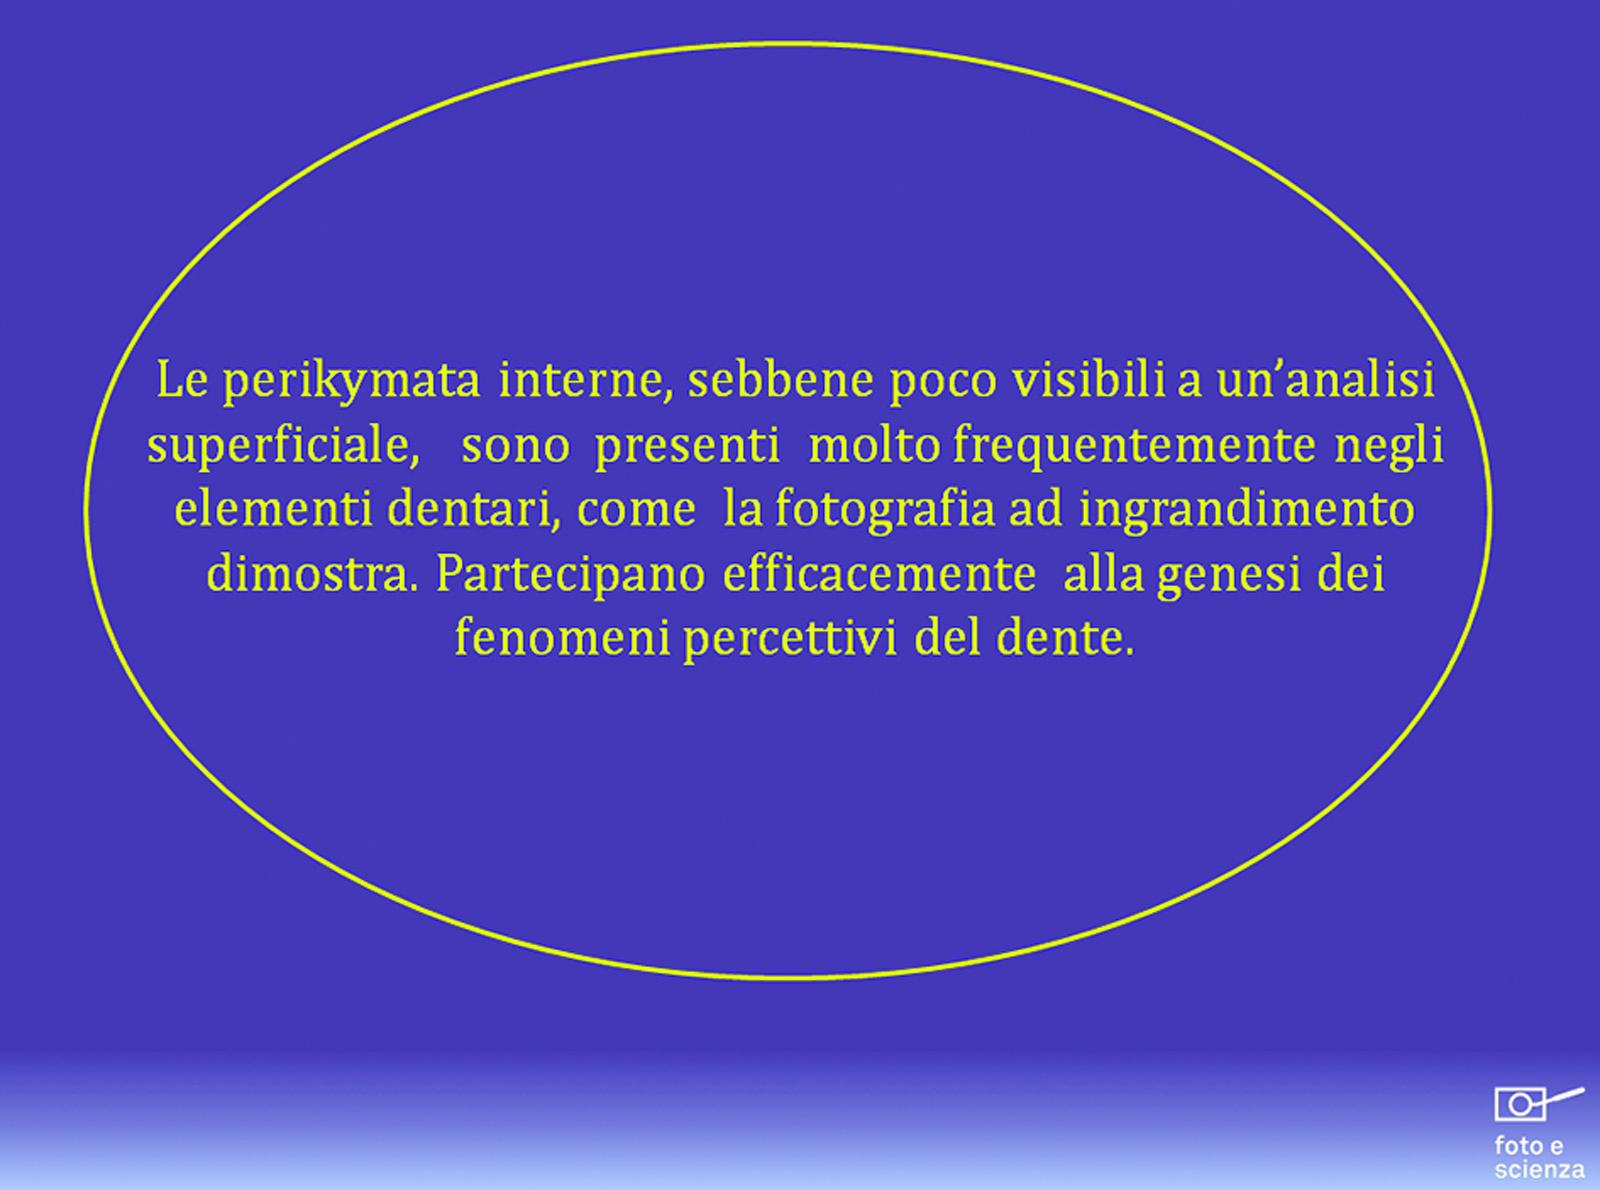 dm_2014_010_loiacono014